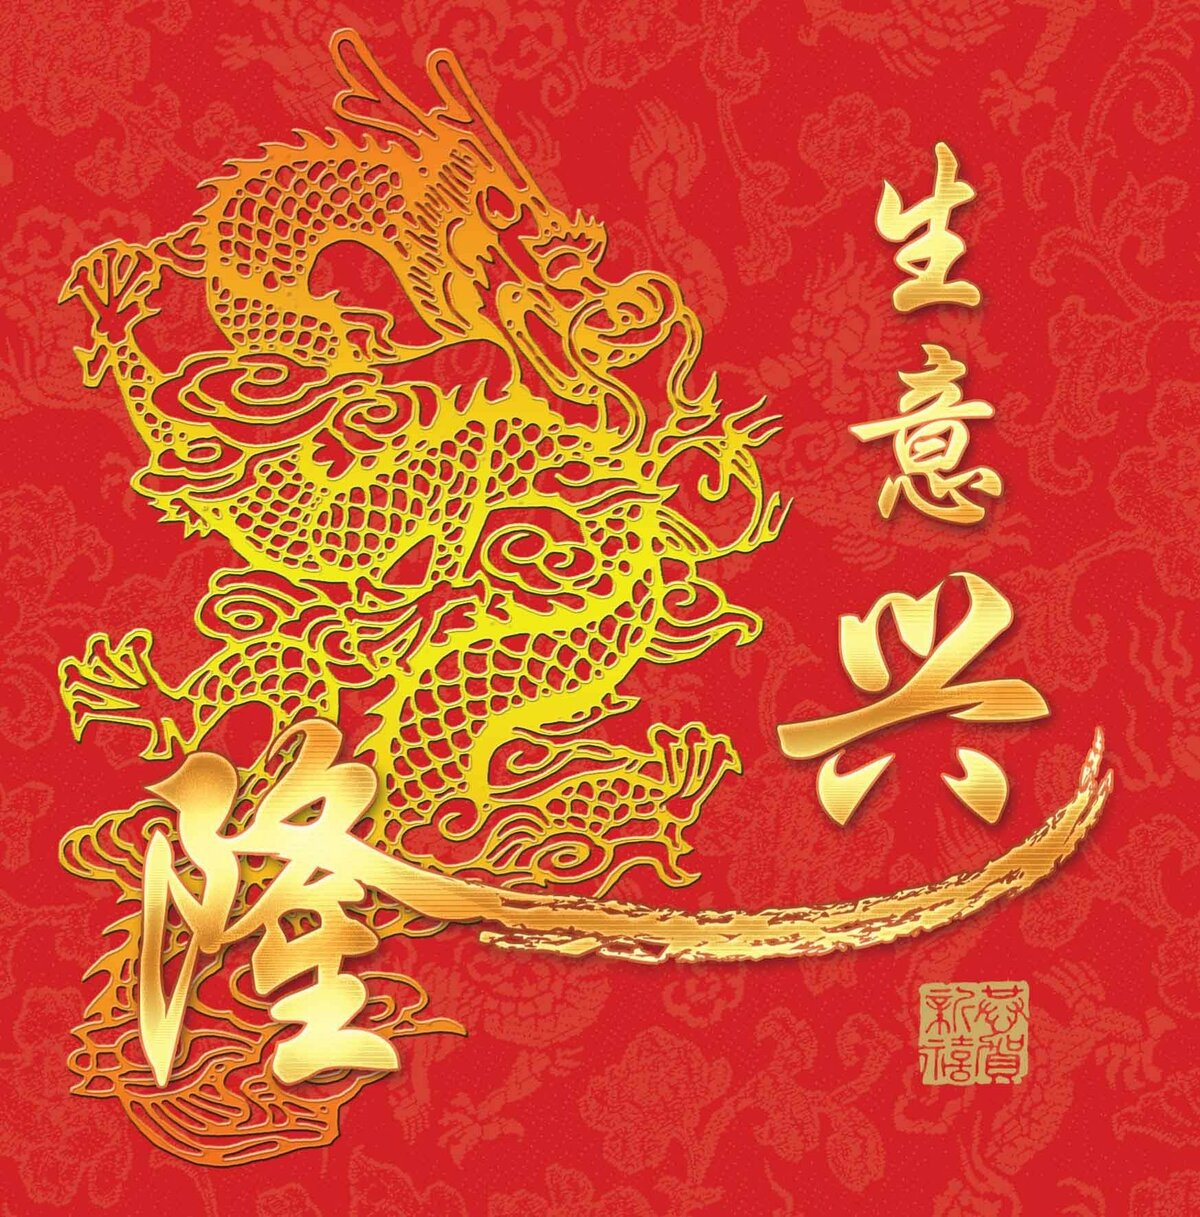 Анимации, открытка китайцу